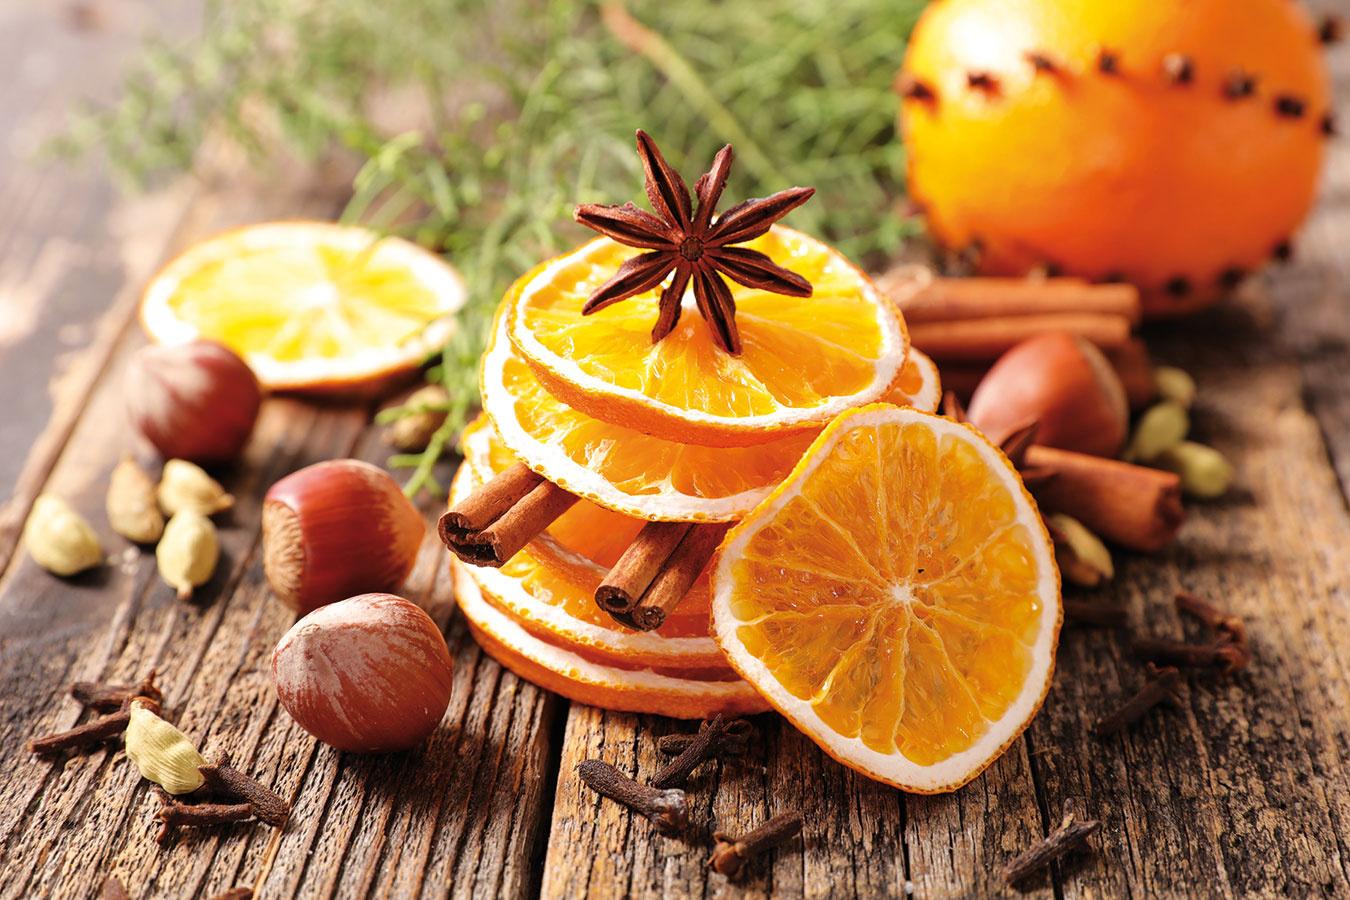 Stromček môžete ozdobiť aj sušeným ovocím alebo tradičným vianočným korením – badiánom azväzkami škorice – prípadne mašličkami zo stužiek či cestovinami. Na Vianoce sa fantázii medze nekladú.